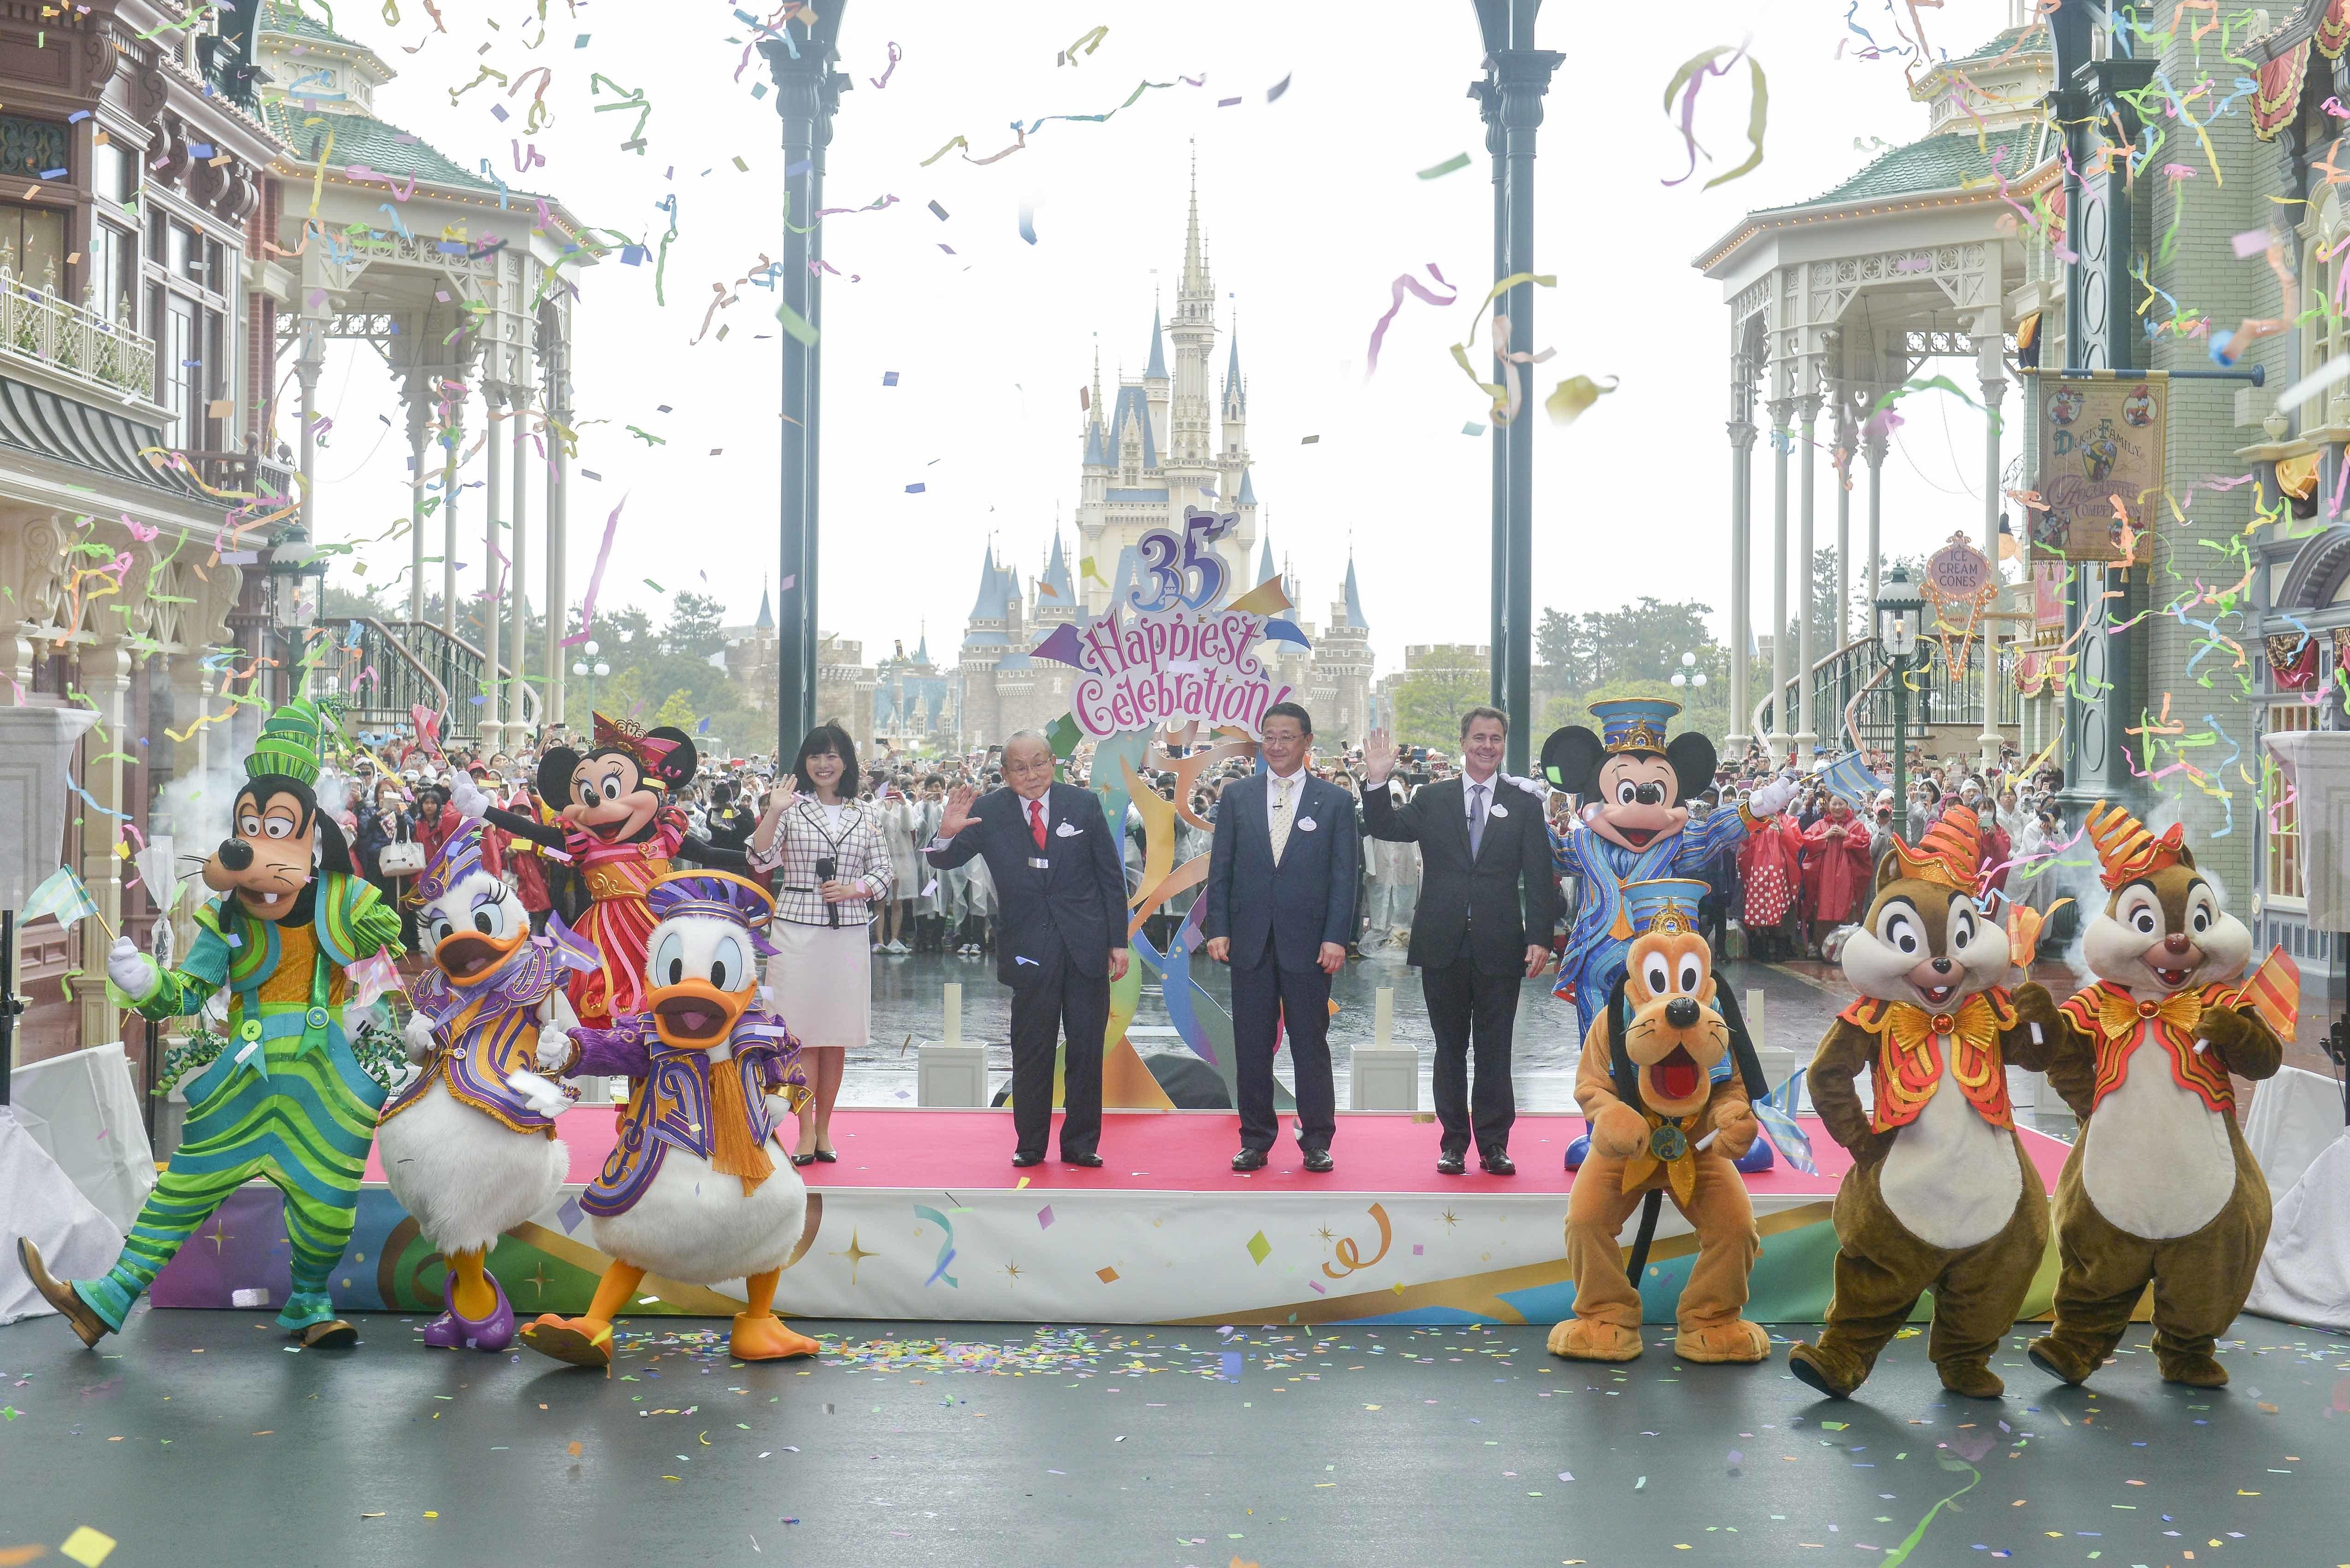 ステージ上 左から、ミニーマウス、福本望氏、加賀見俊夫氏、上西京一郎氏、マイケル A.コールグレイザー氏、ミッキーマウス(オープニングセレモニーの様子)